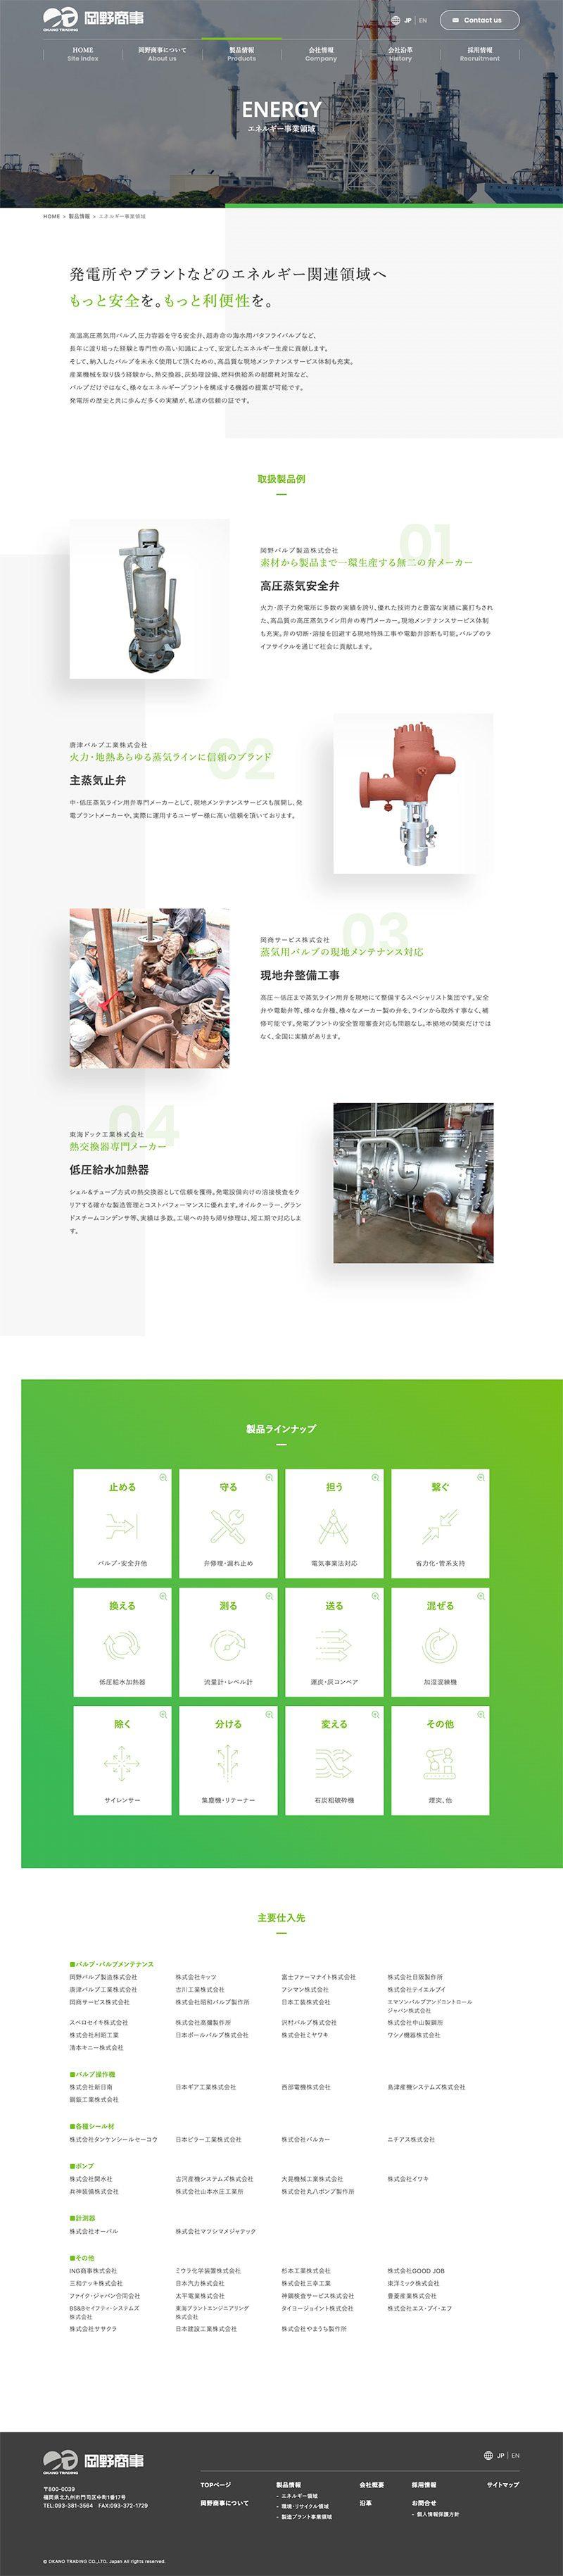 岡野商事株式会社様 コーポレートサイト/エネルギー事業領域